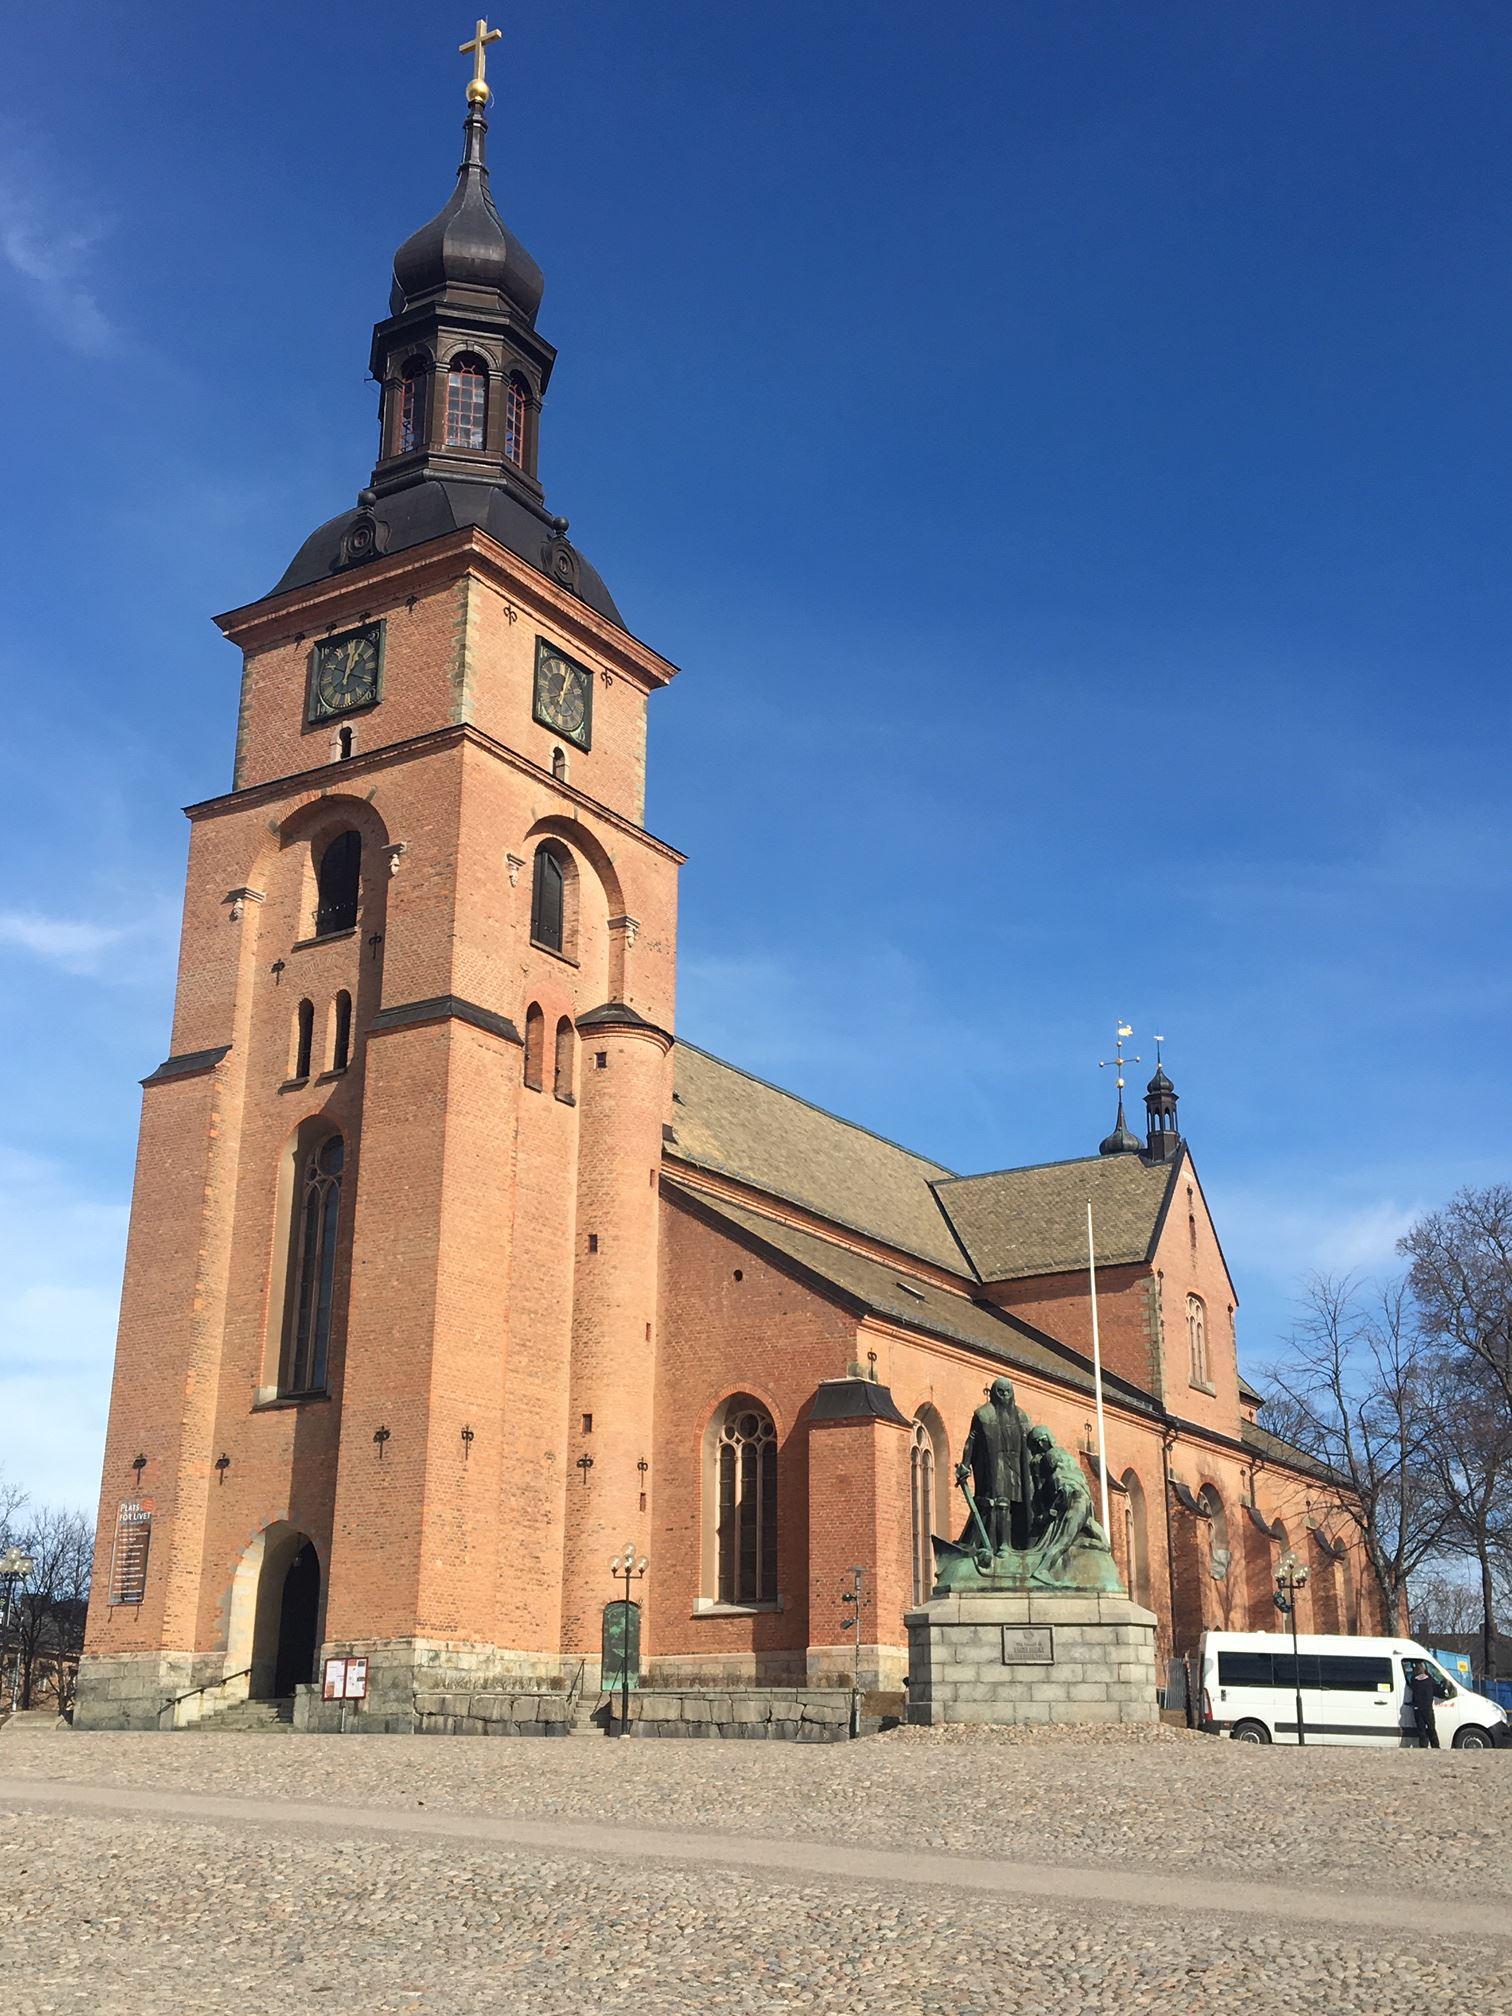 Falu Kristine Church, Overview, Churches, Falun - Visit Dalarna